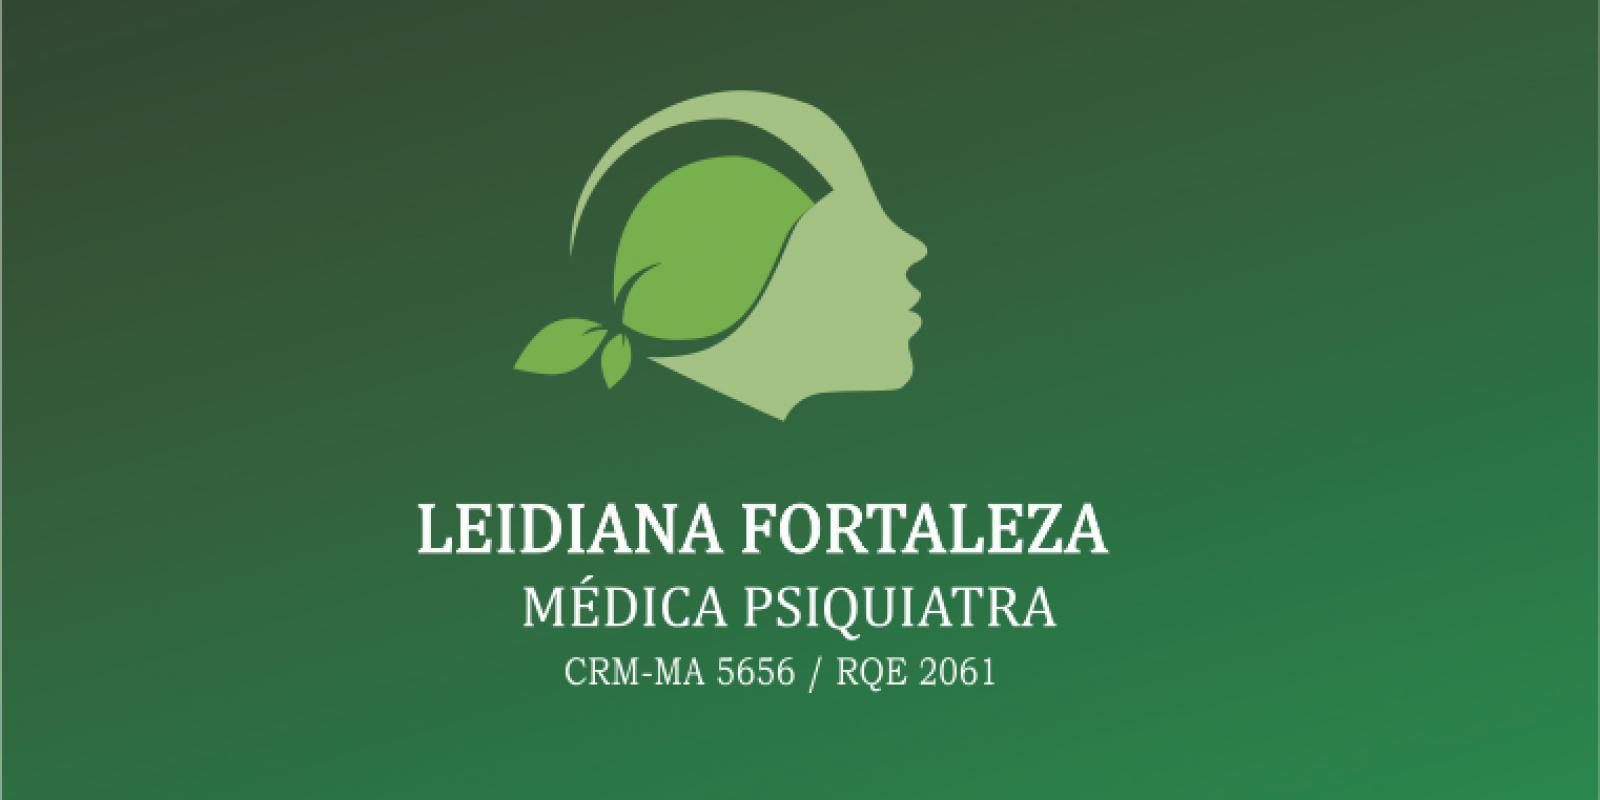 Leidiana Fortaleza